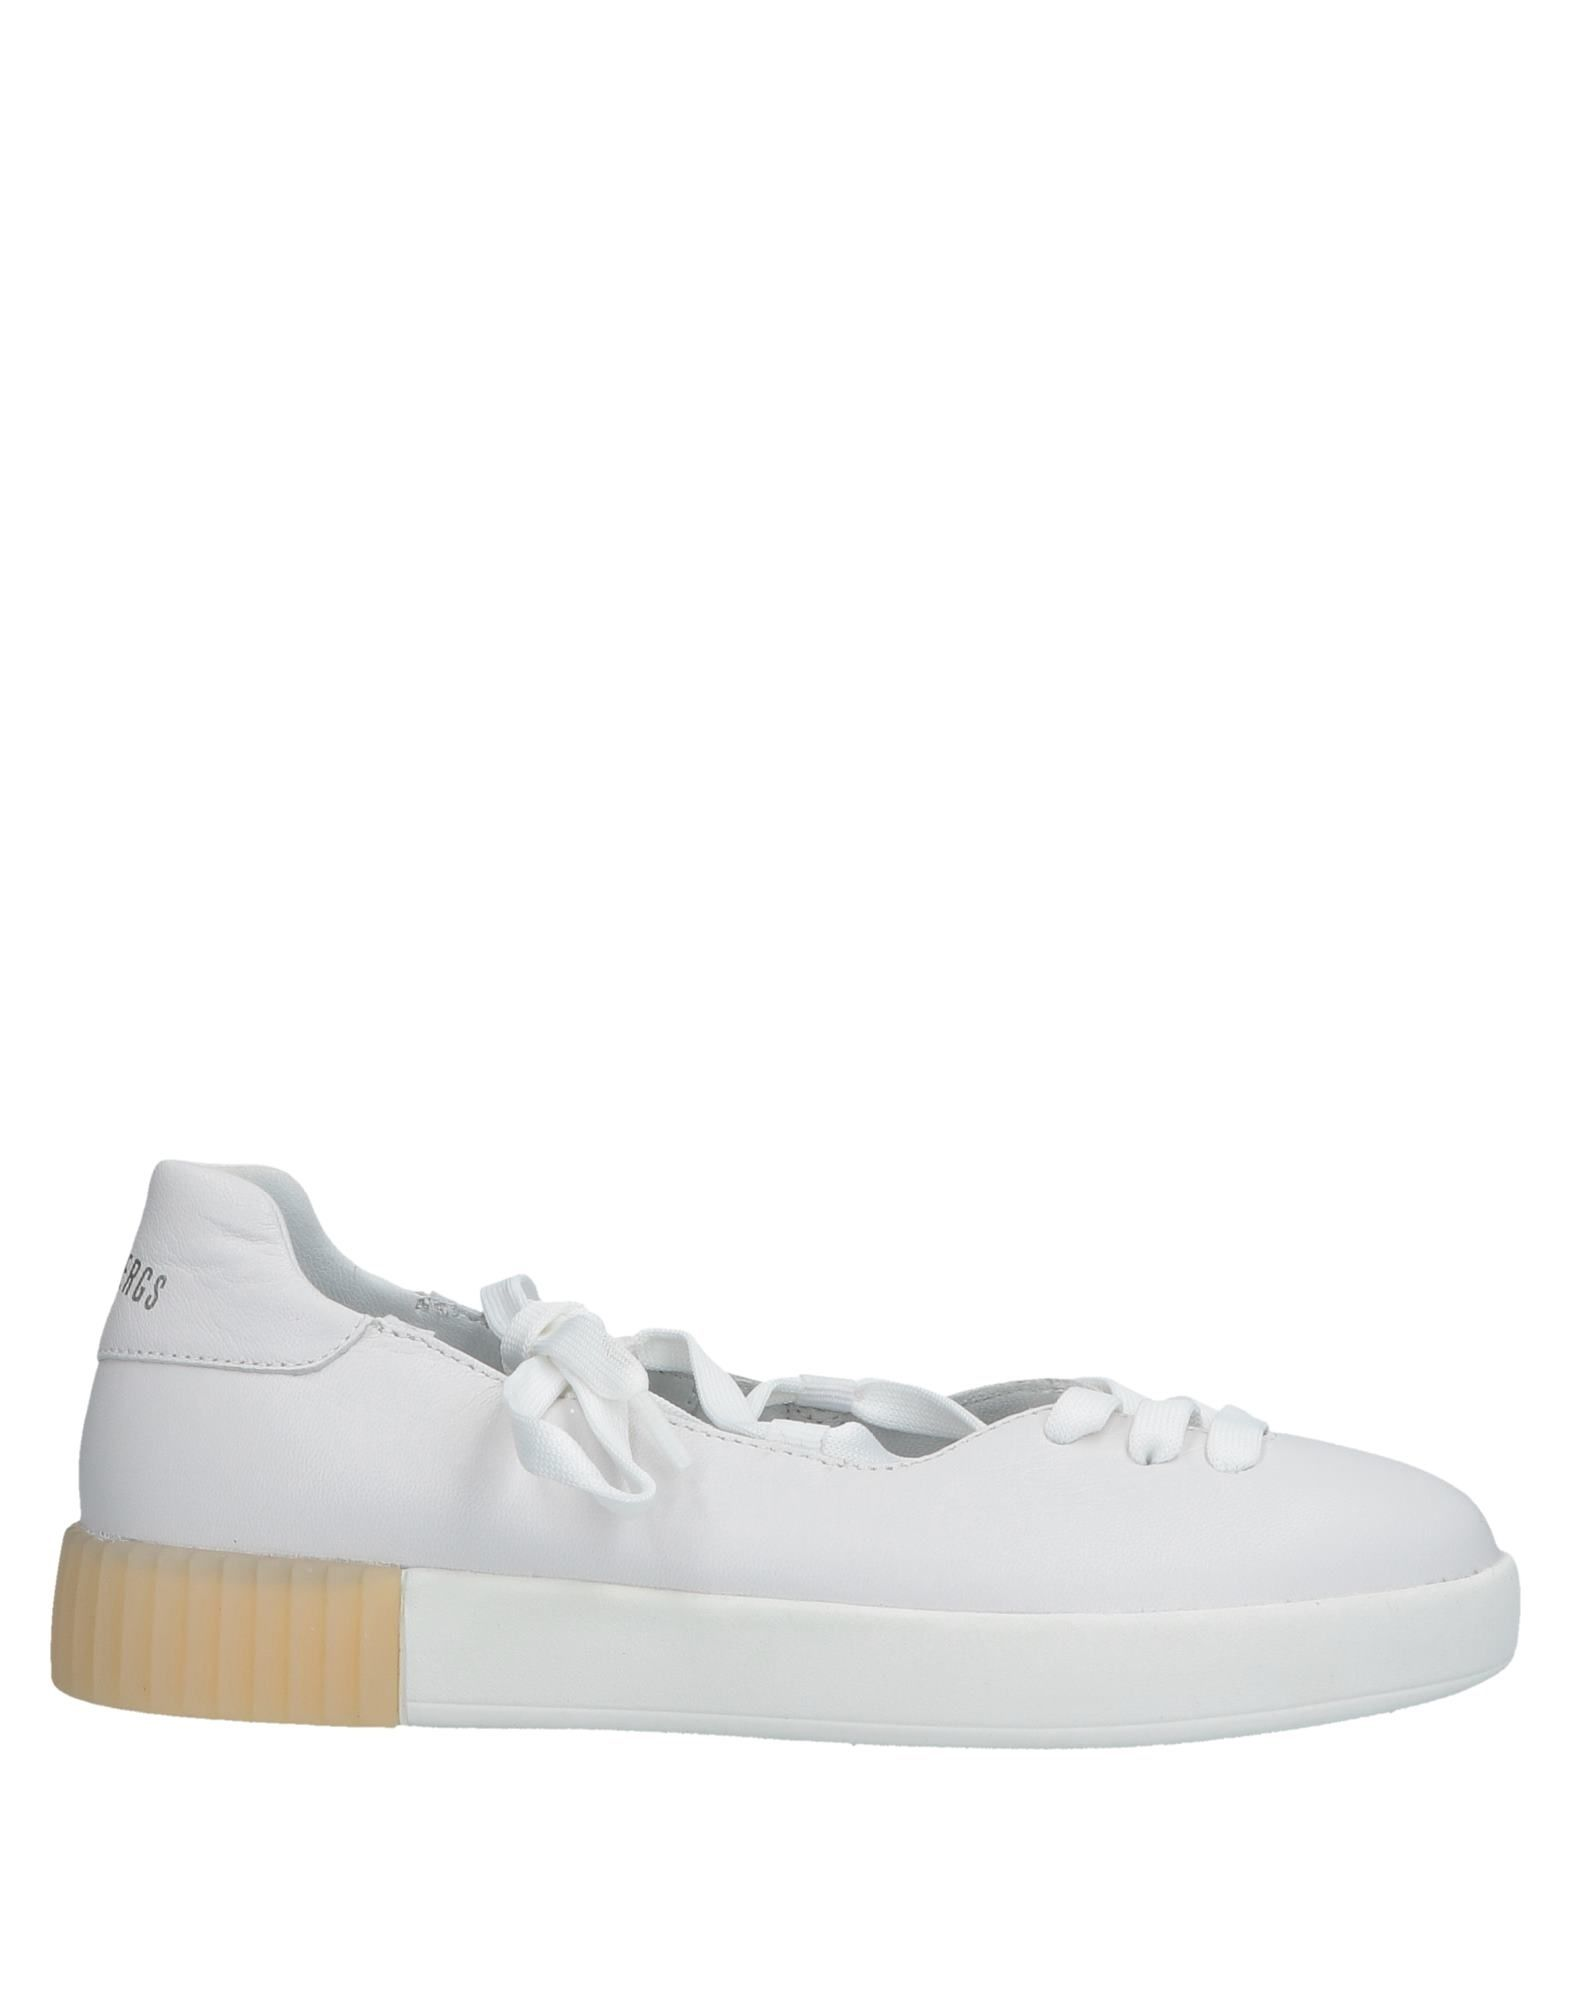 Gut um billige Damen Schuhe zu tragenBikkembergs Sneakers Damen billige  11553771SL d300d1